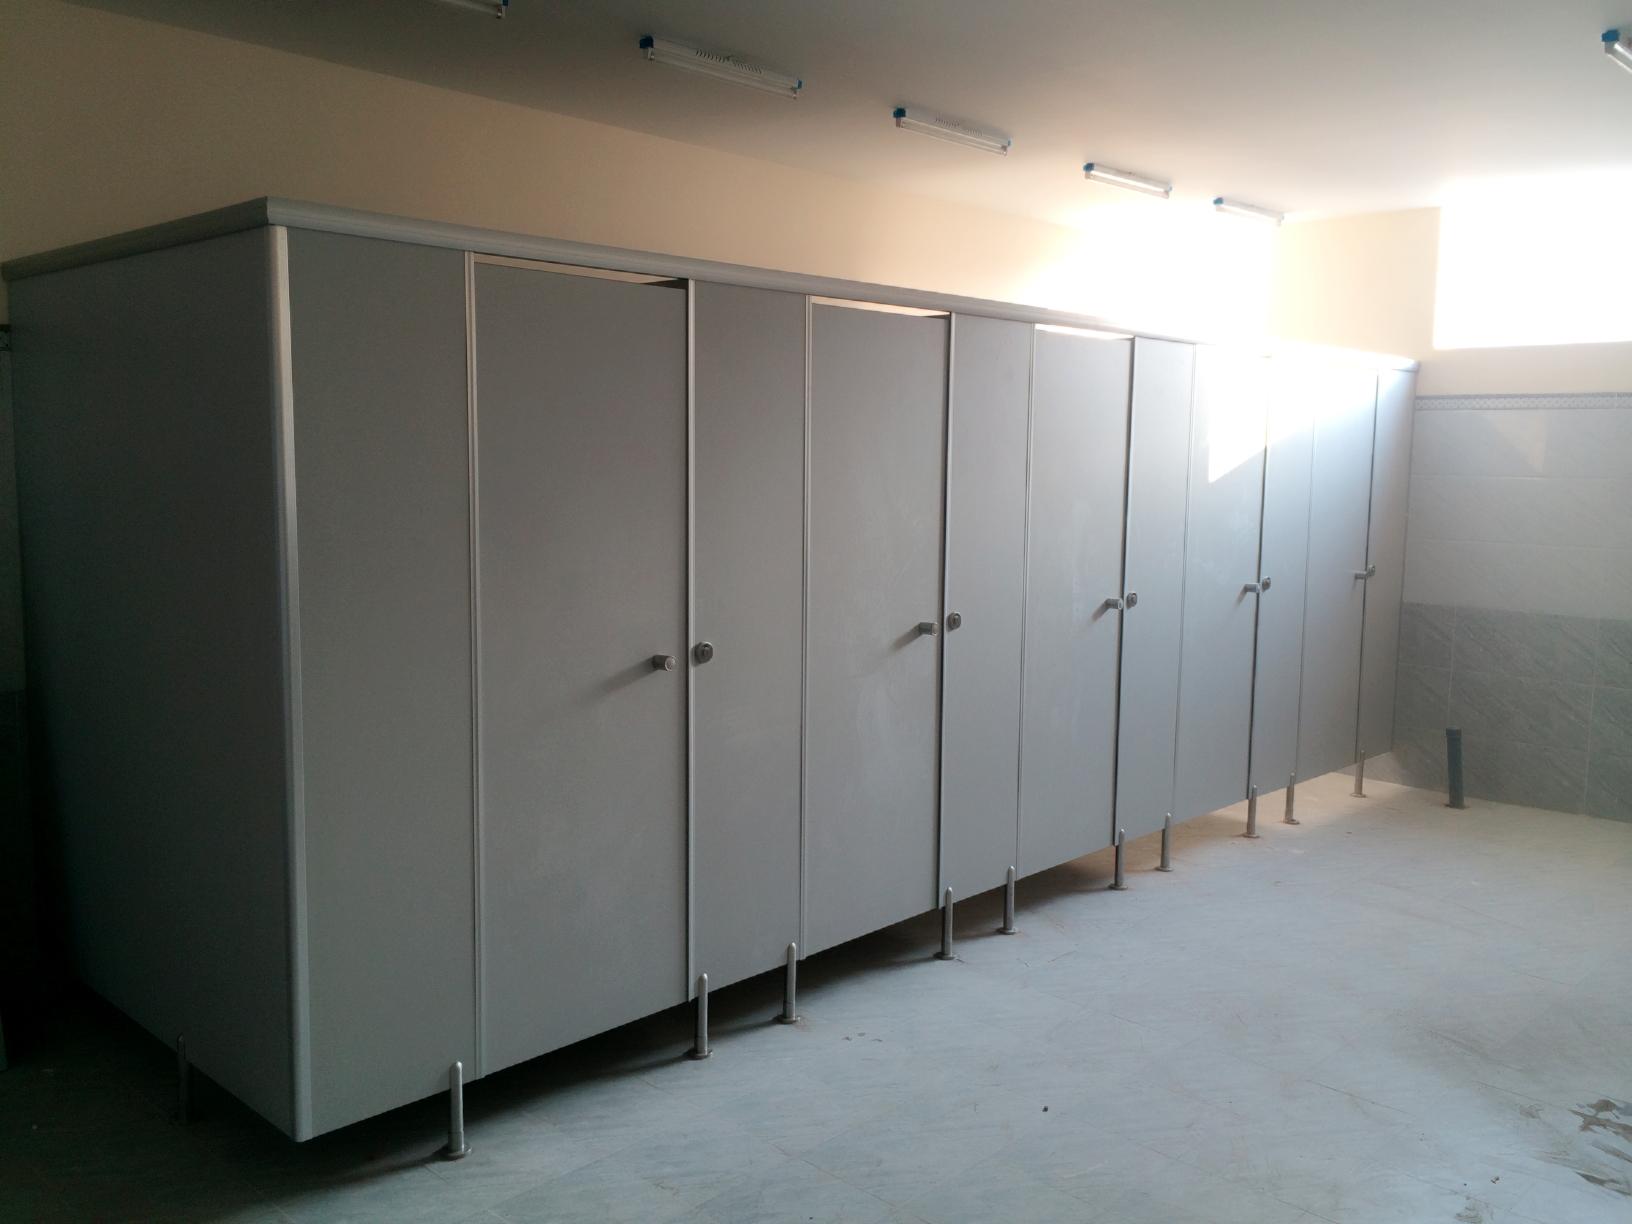 Vách ngăn vệ sinh tấm compact HPL đã được hoàn thiện